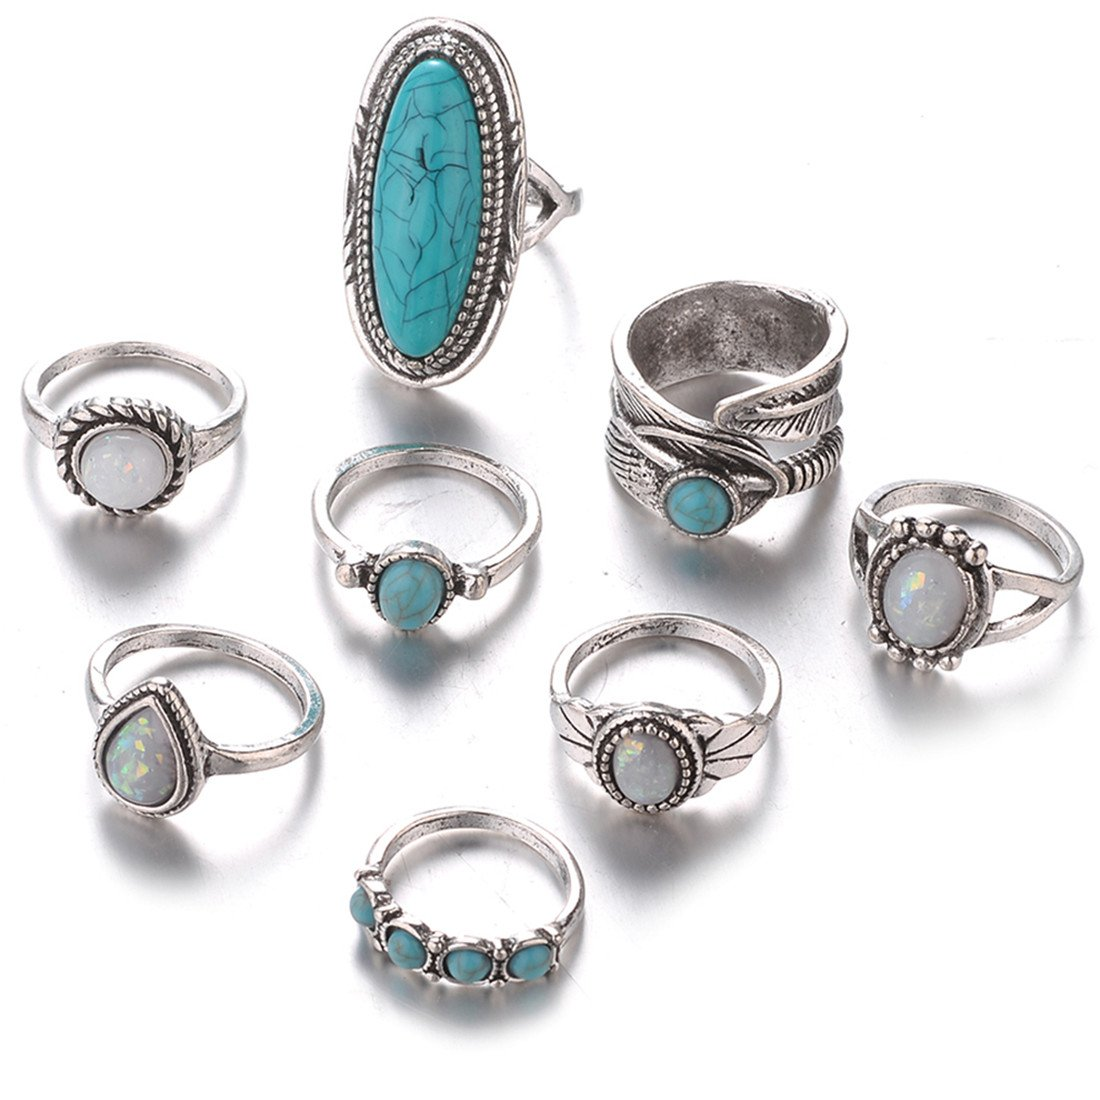 Yingwei VWH 8 Pcs Argent Turquoise Opale Anneaux Set Pierre Naturelle Anneau de Bijoux Rétro Femmes Bijoux Accessoires